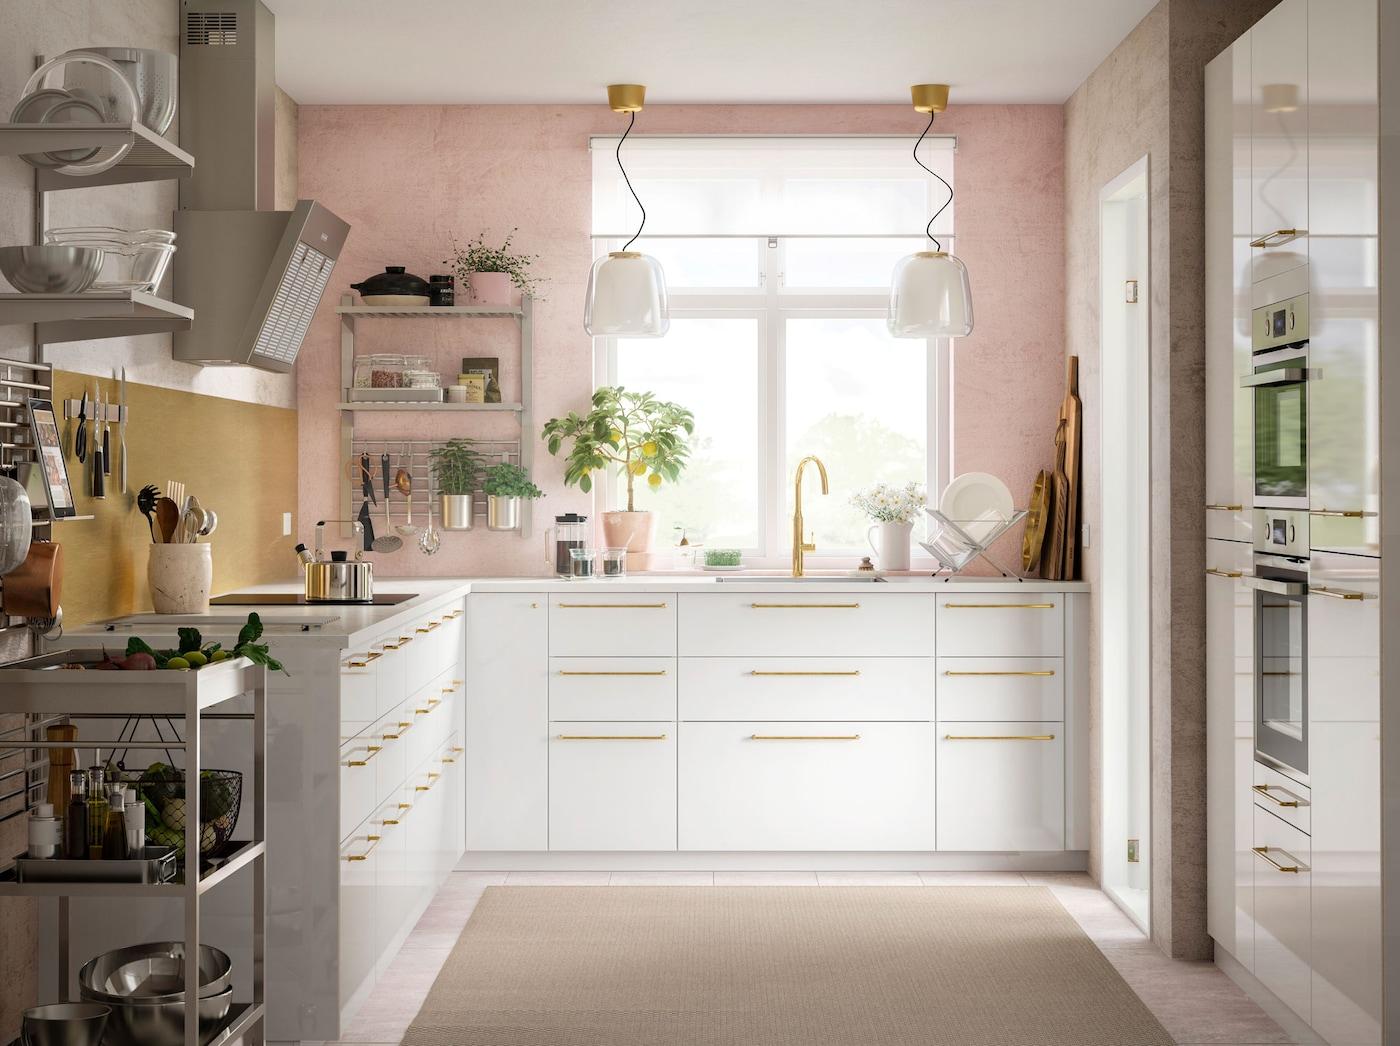 Outdoor Küche Ikea Family : Schienen und regale für eine offene küche ikea